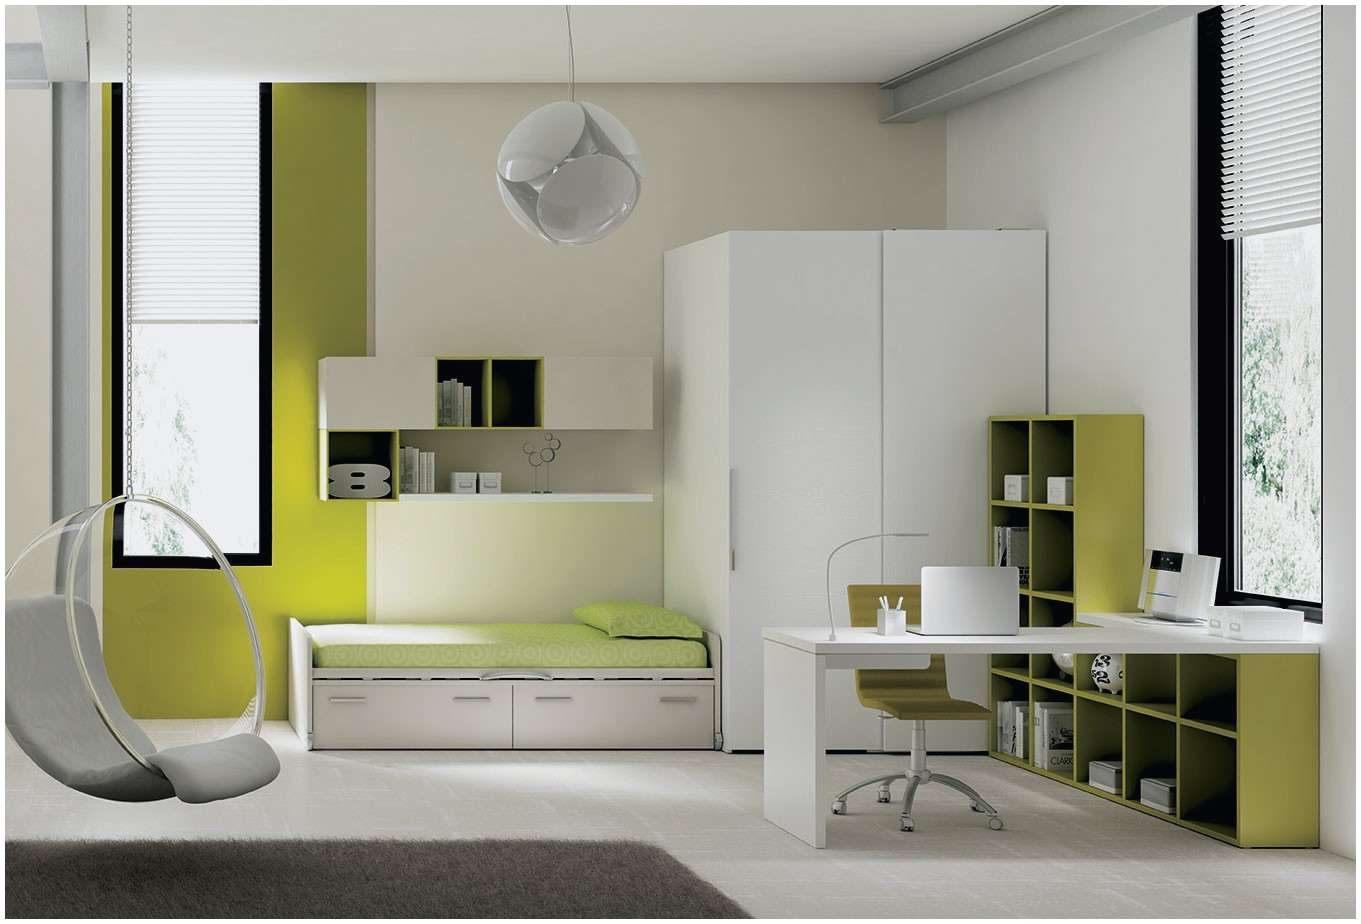 Linge De Lit Ado Garçon Le Luxe Luxe Inspirer 40 De Idée Chambre Gar§on Concept Pour Option Chambre